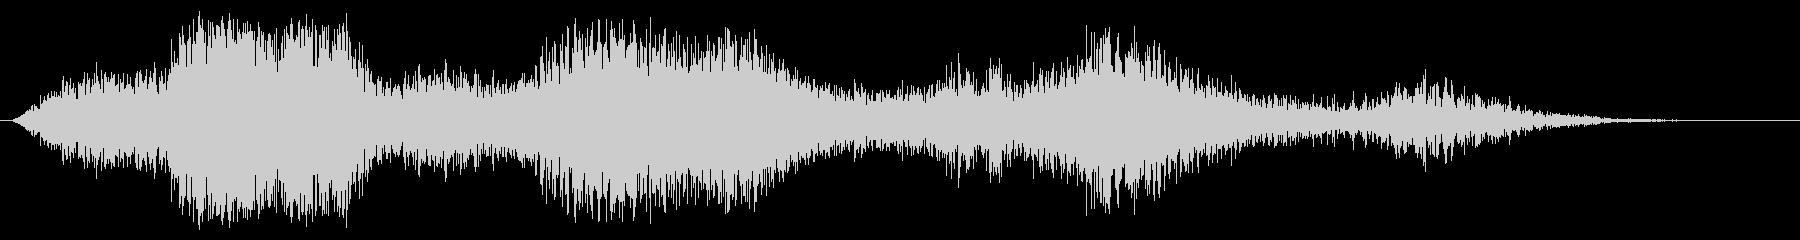 3つの重い空気の蹄の未再生の波形